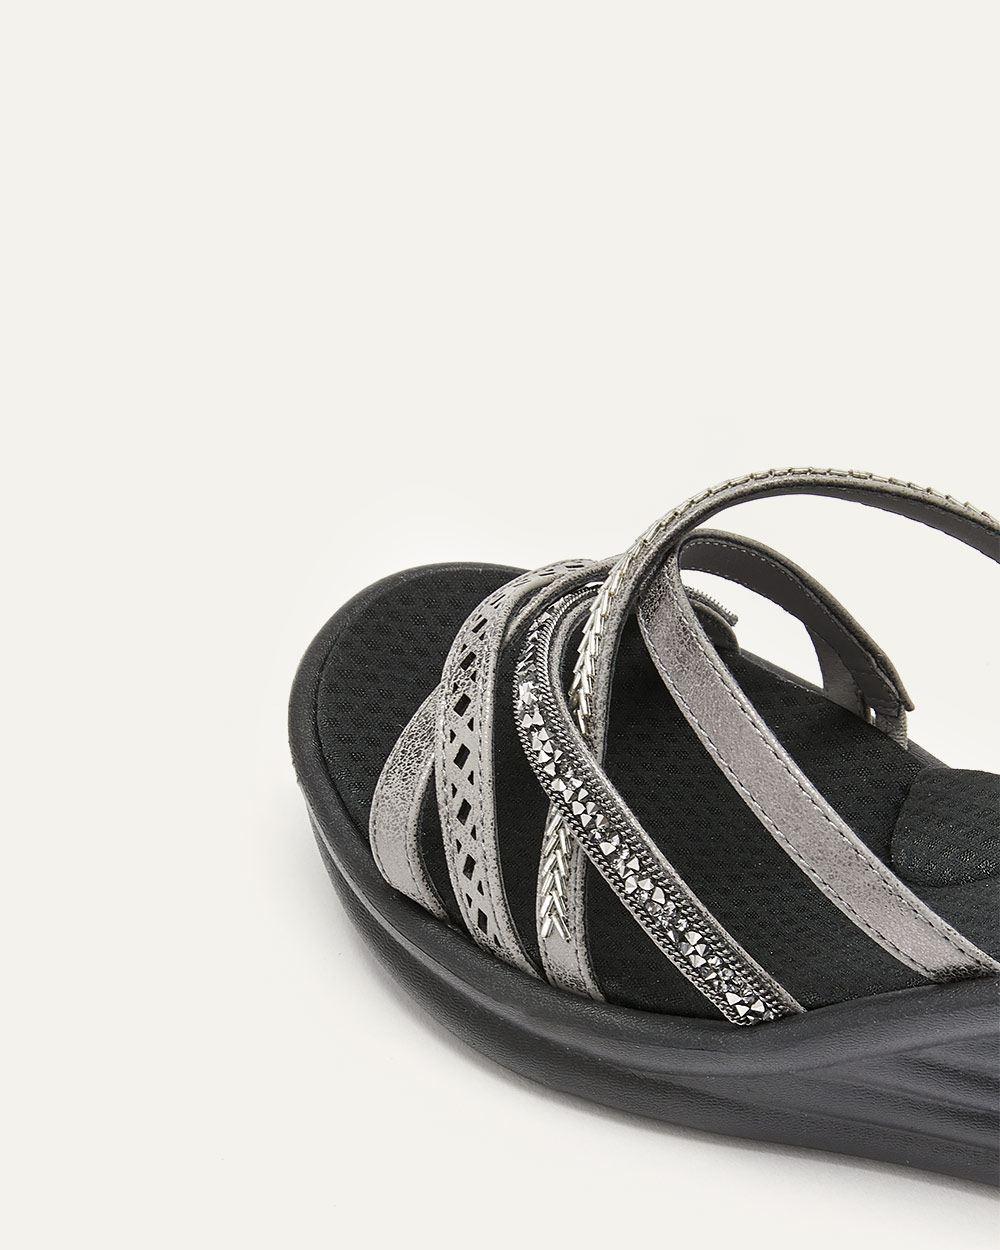 Skechers Rumblers Wave, New Lassie - Wide Width Wedge Sandals